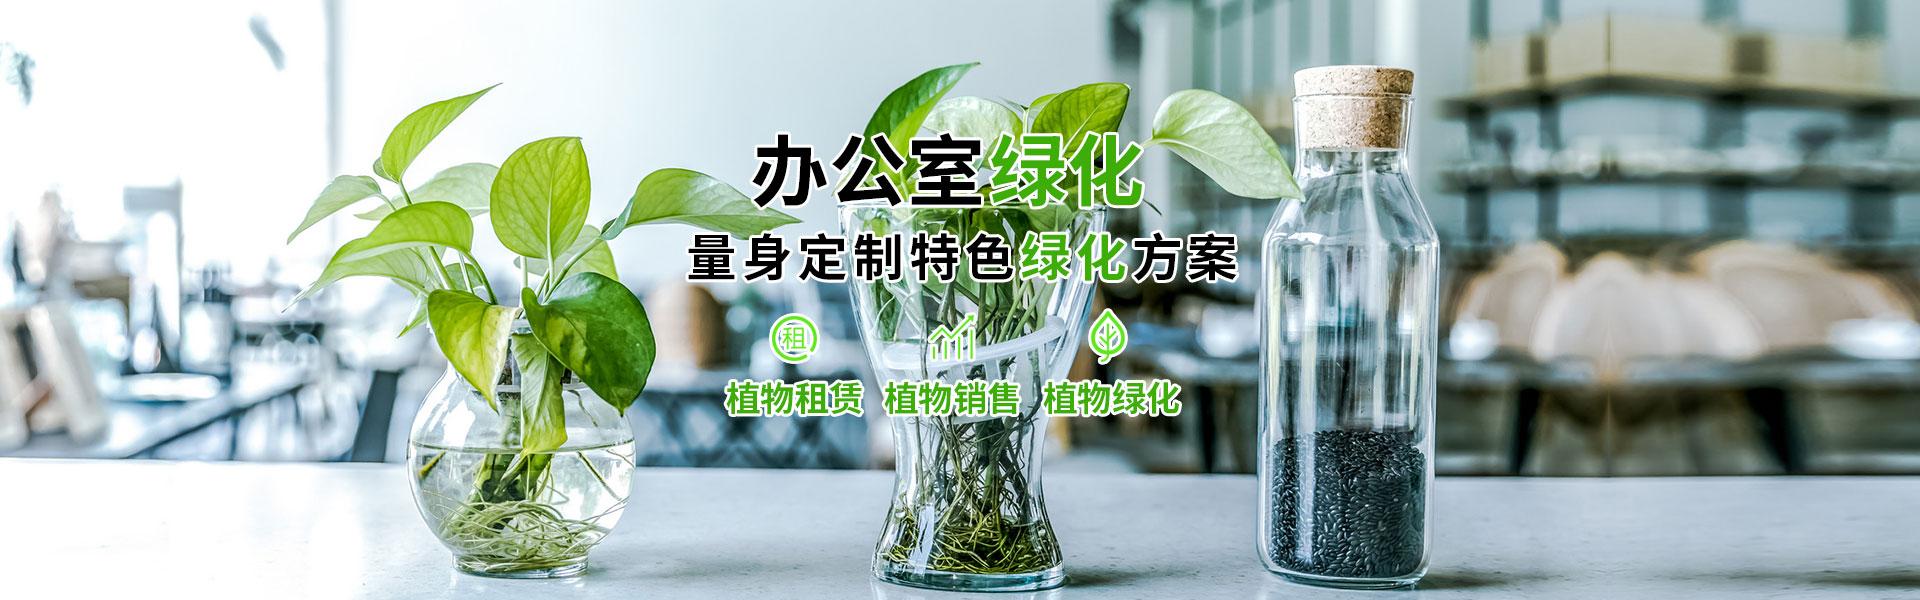 办公室植物租赁_上海ag真人园艺有限公司